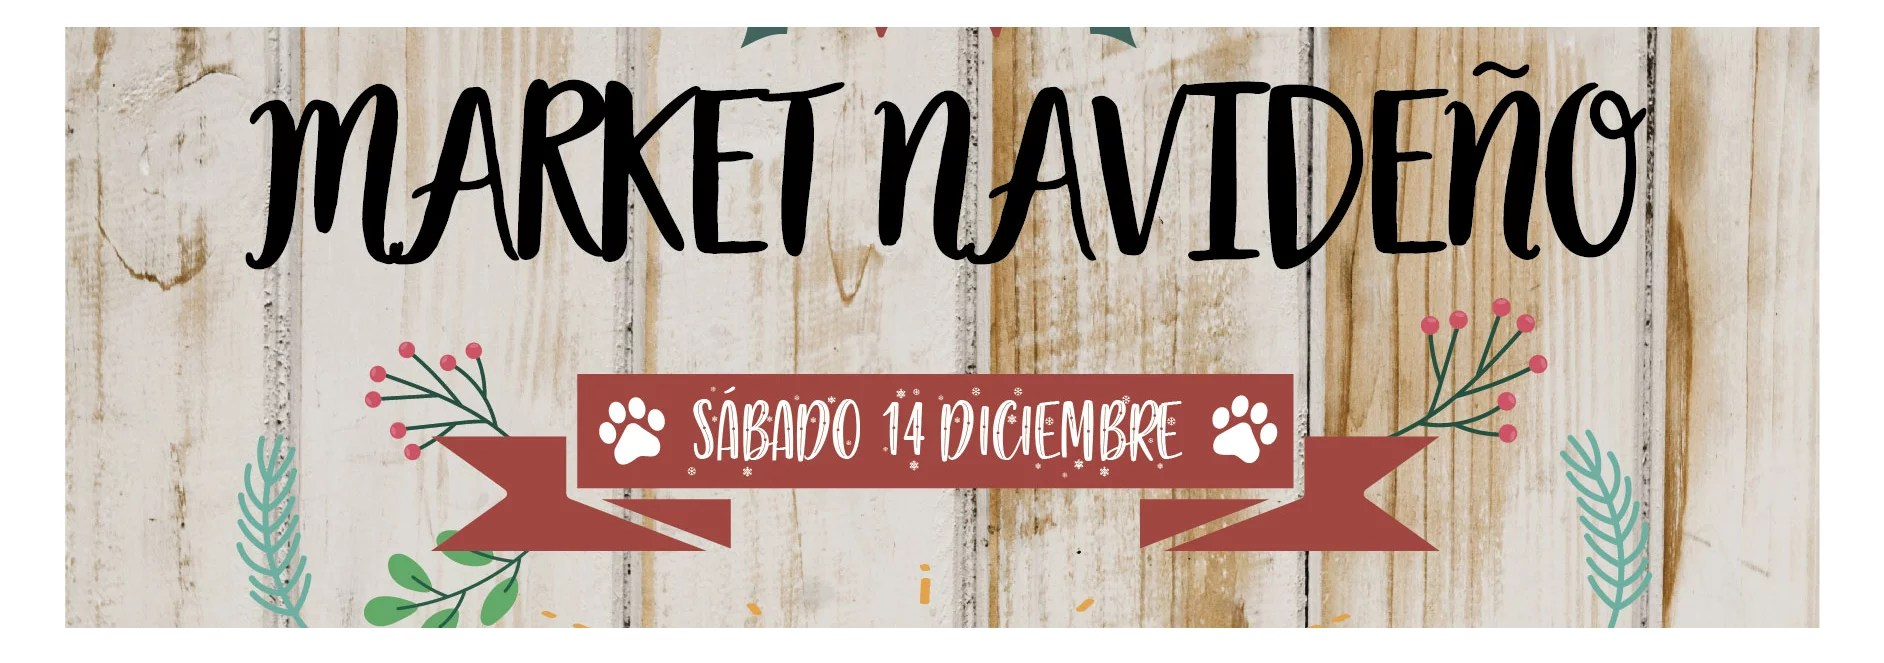 Market Navideño 2019